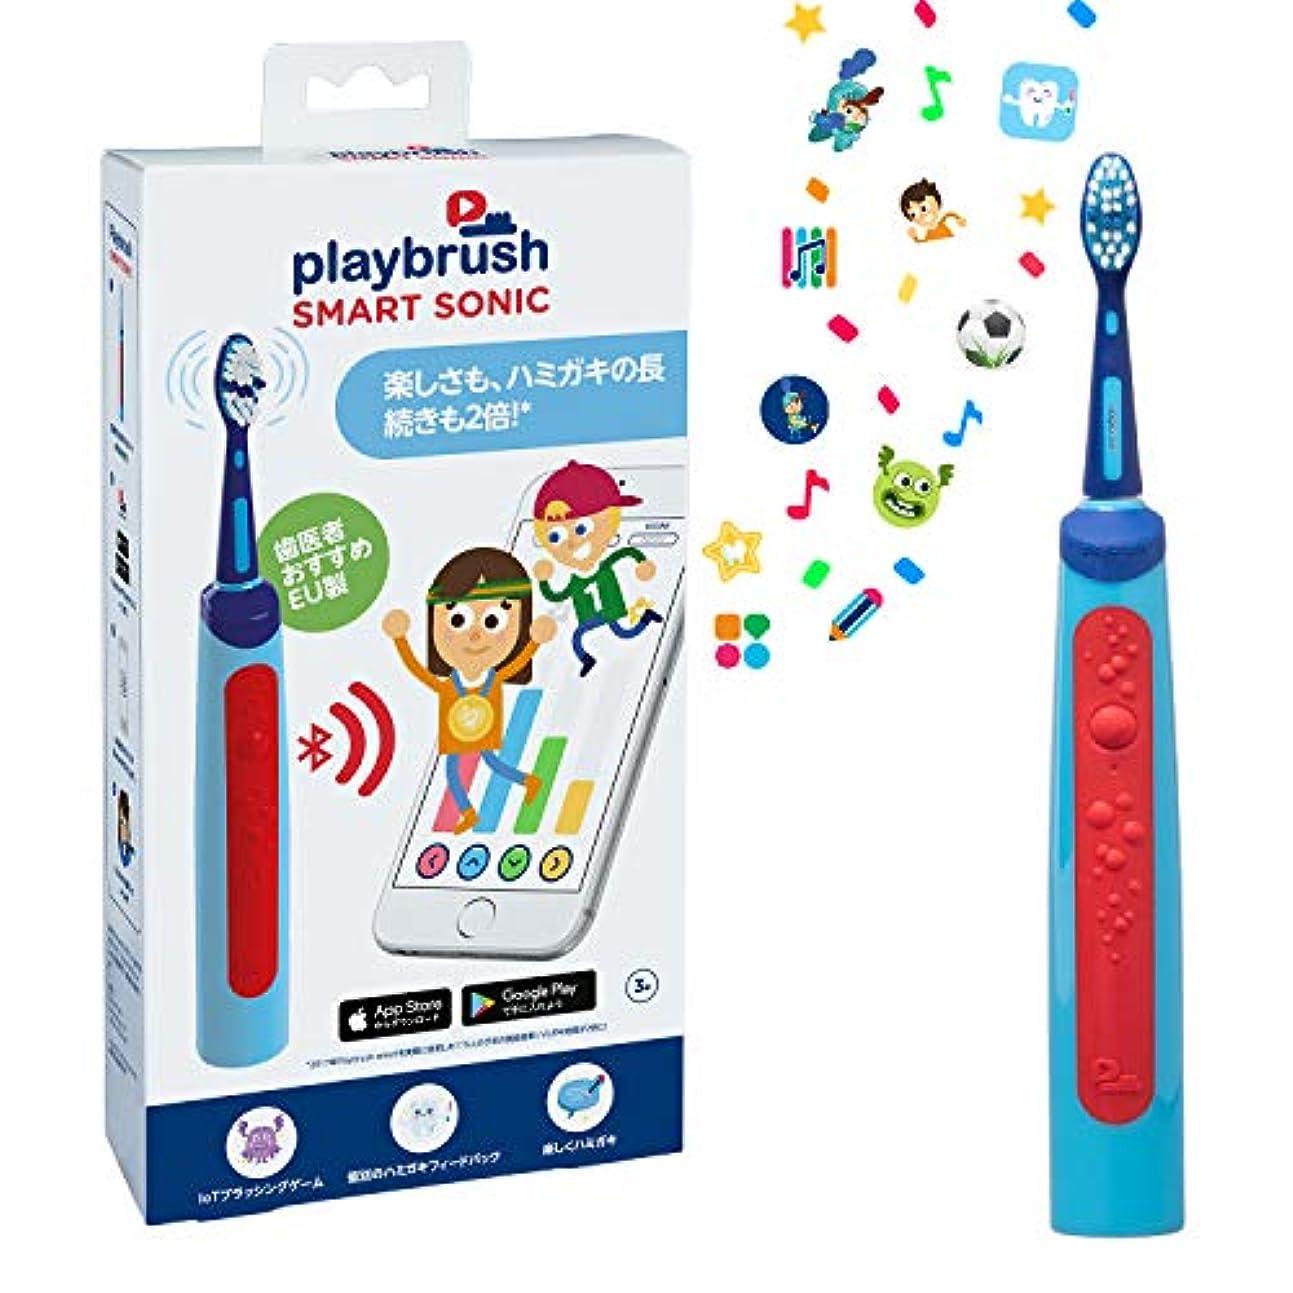 彼女はシーボード慣性【ヨーロッパで開発されたゲームができる子供用歯ブラシ】プレイブラッシュ スマート ソニック Playbrush Smart Sonic 子供用電動歯ブラシ 子供用